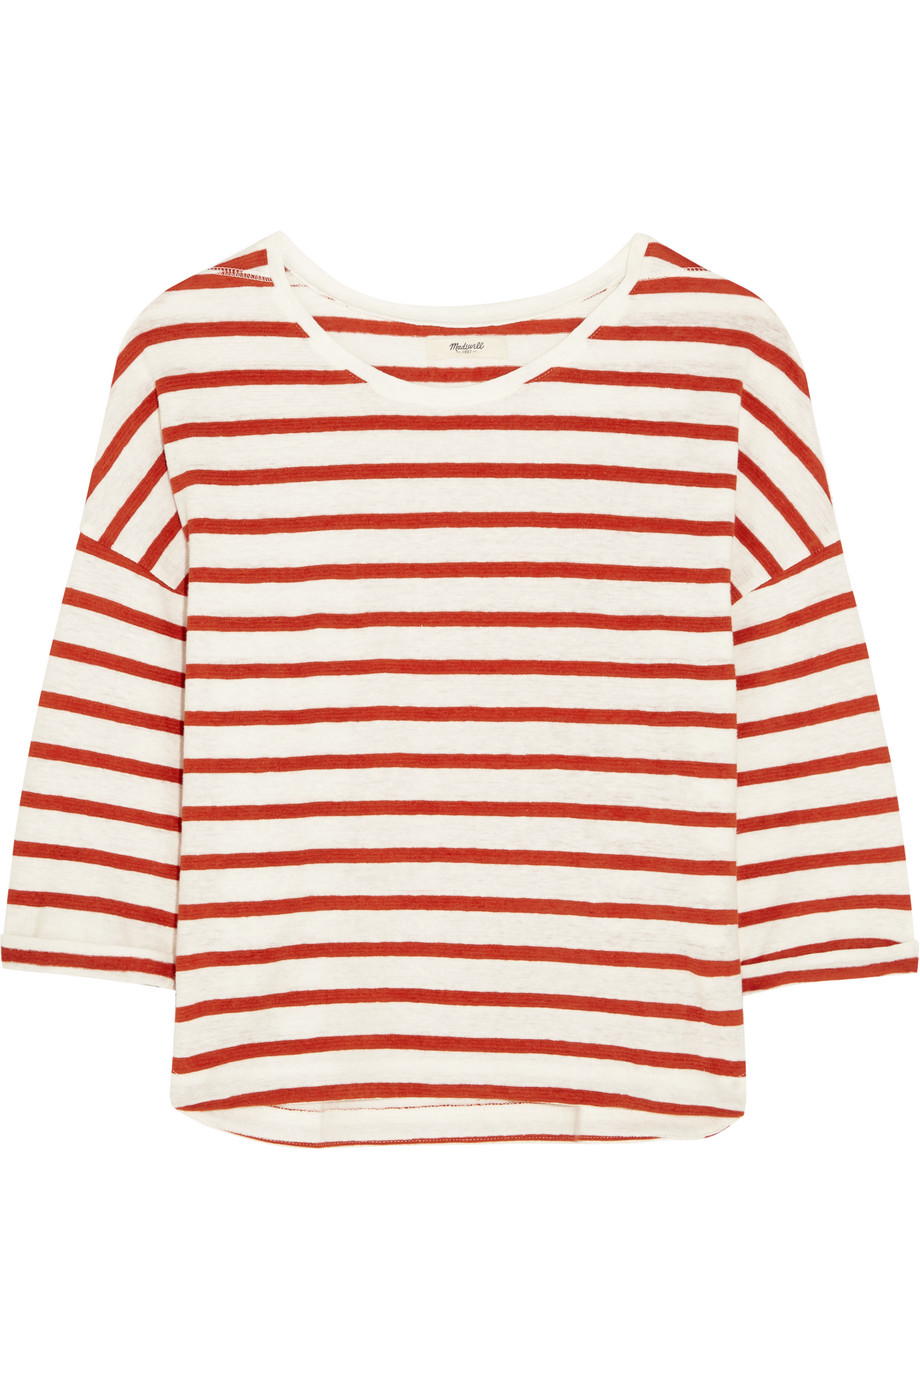 Madewell Lisbon Striped Hemp and Cotton-Blend Top, Cream/Brick, Women's, Size: XS